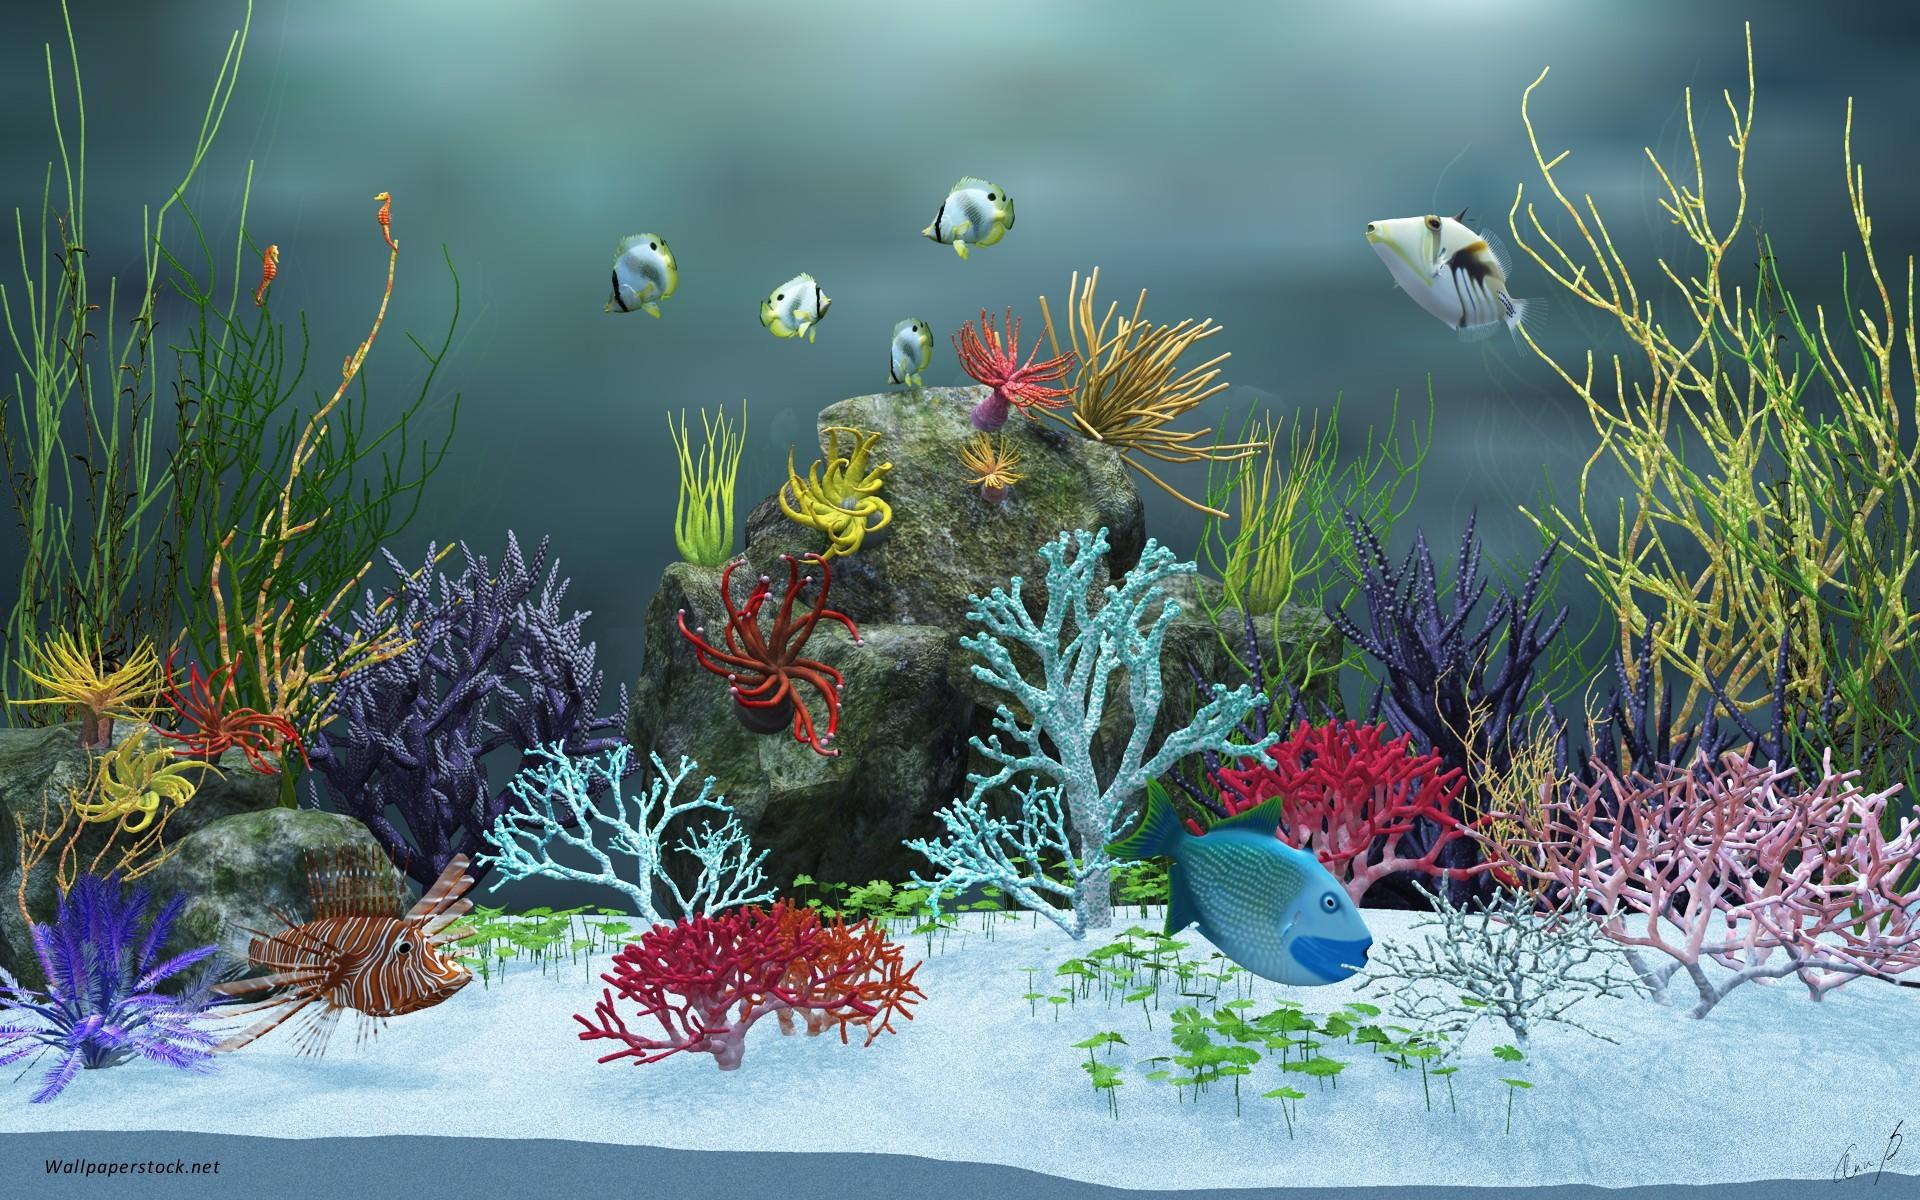 Скачать обои на рабочий стол аквариум бесплатно и без регистрации